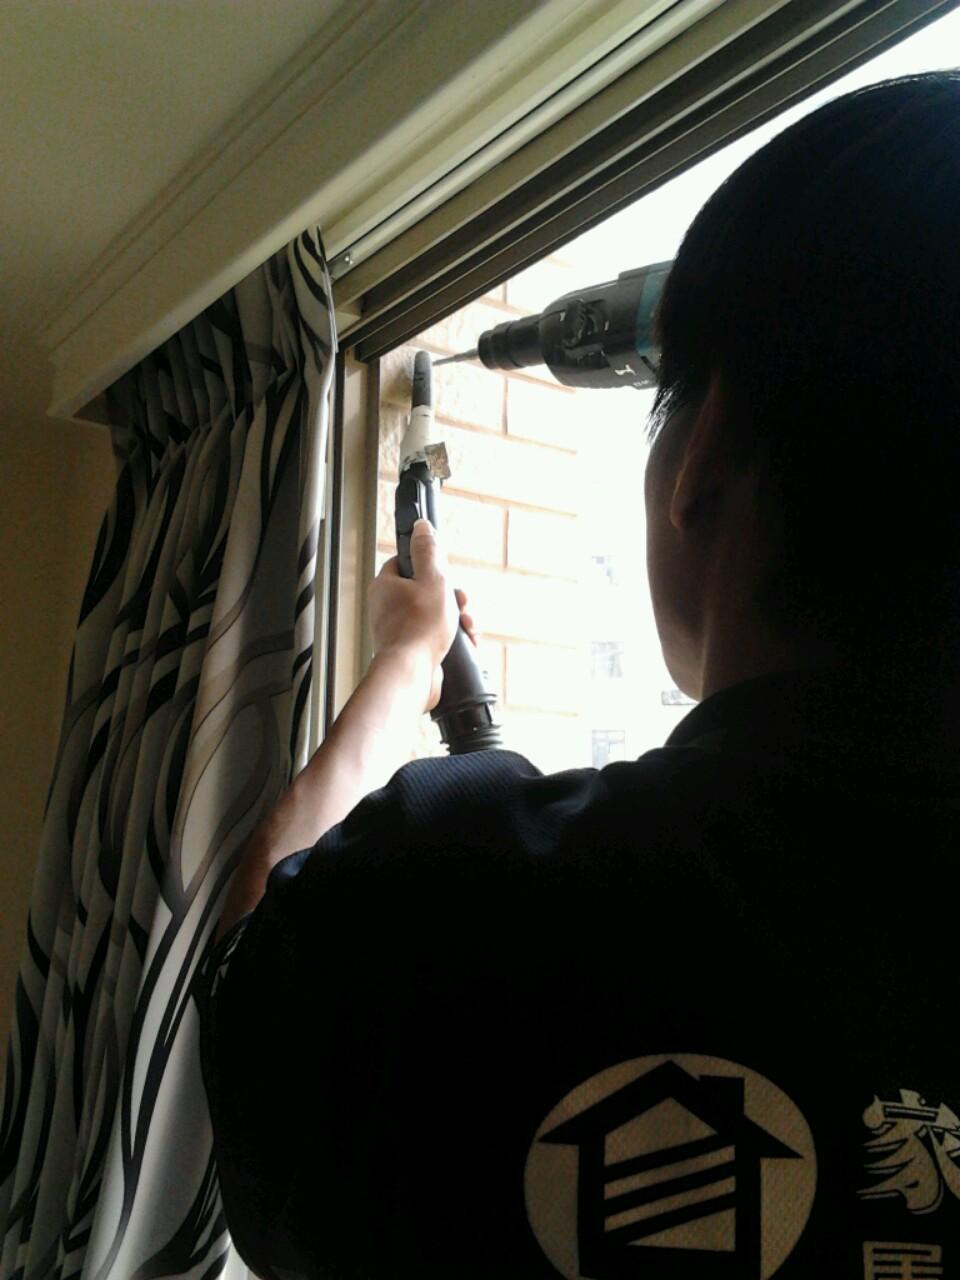 隱形鐵窗裝設最推薦家舒適隱形鐵窗x防墜網